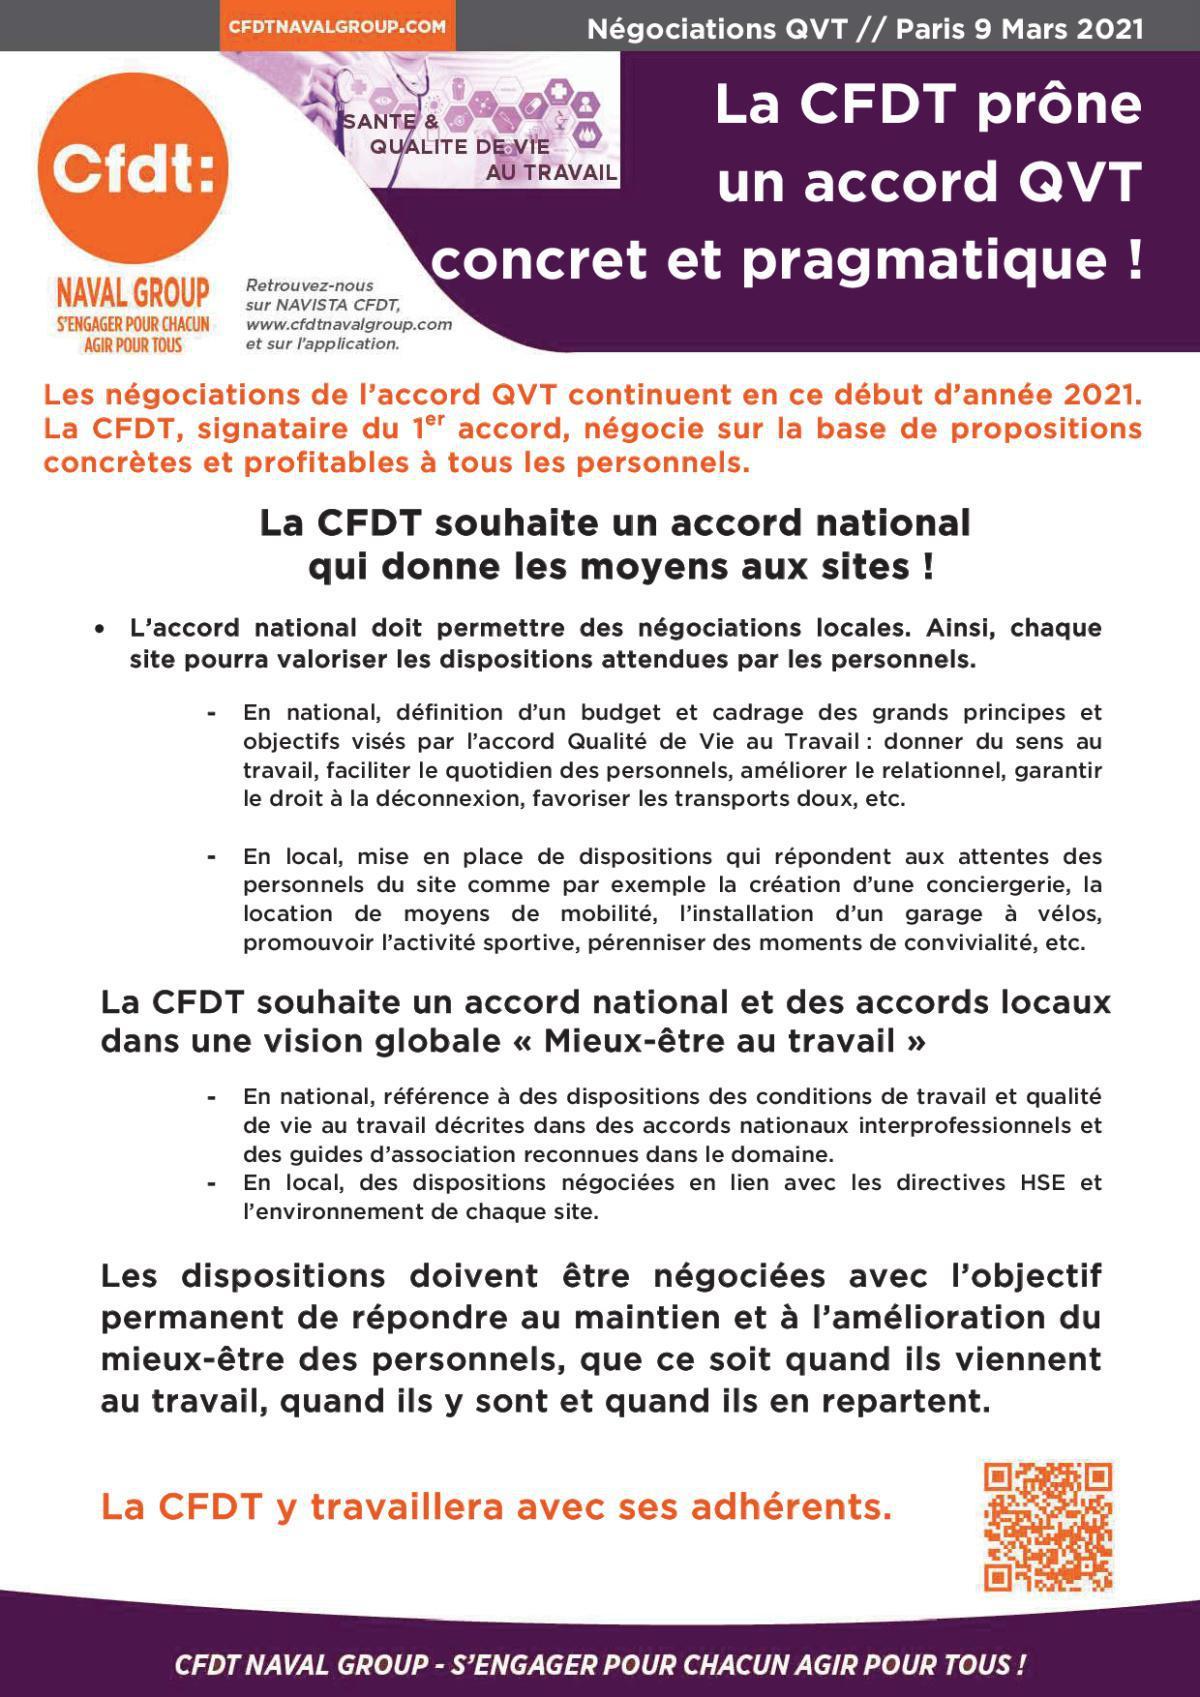 La CFDT prône un accord QVT concret et pragmatique